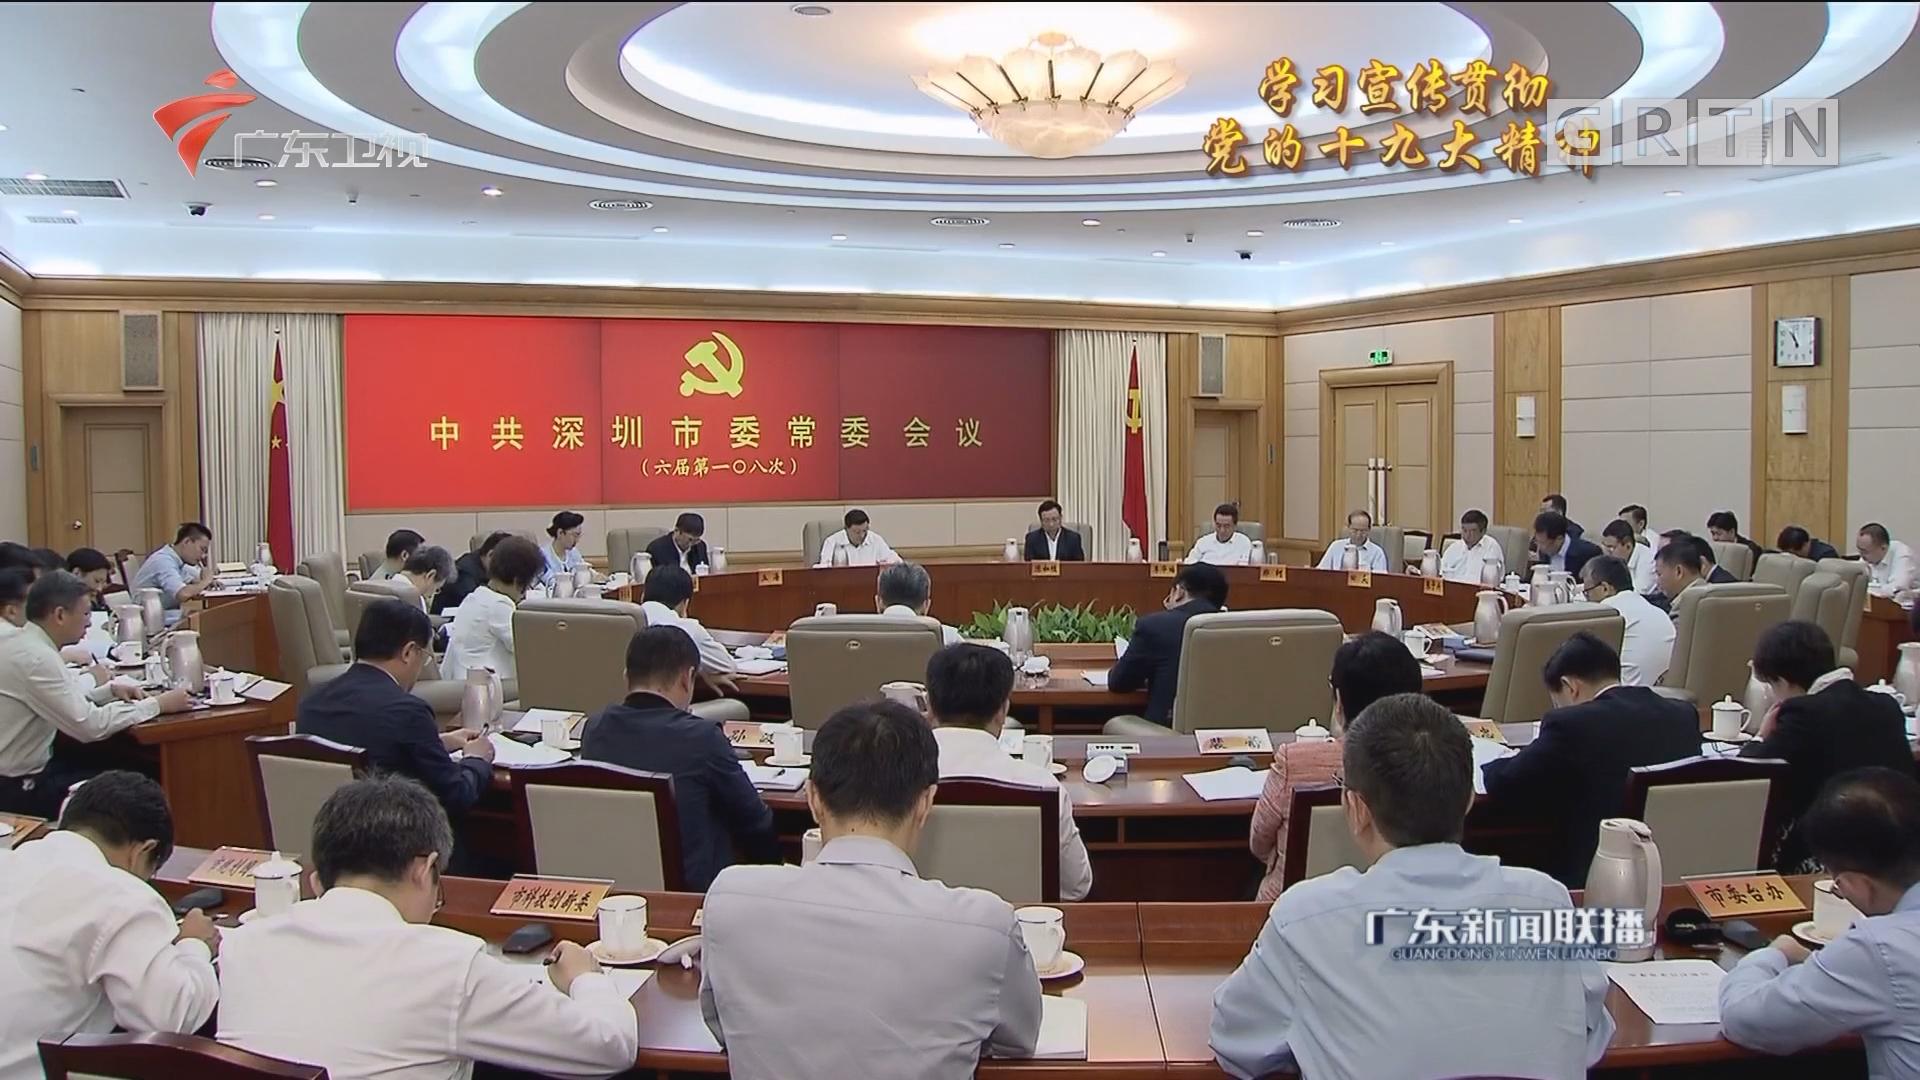 深圳:在新时代新征程中拿出新担当新作为